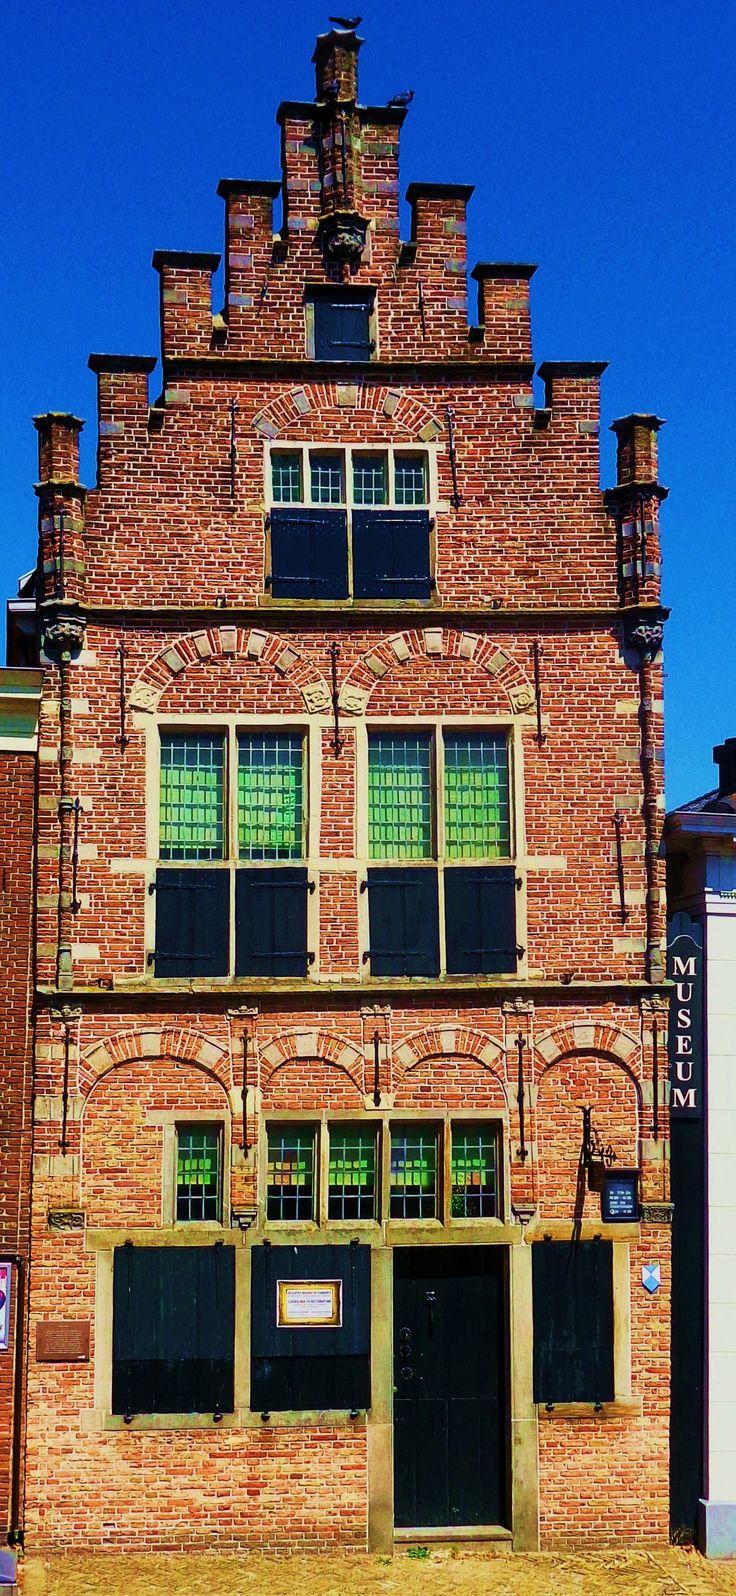 Aan de andere kant van het Damplein staat een koopmanshuis met trapgevel, in 1540 gebouwd als een van de eerste stenen huizen in de stad en nog ingericht als in de 17e eeuw. De voorgevel heeft laatgotische details. In een kraagsteen onder een van de pinakels is het wapen van keizer Karel V te herkennen. Een bijzonderheid is de vrij op het grondwater drijvende kelder, waaraan het huis wereldwijd zijn faam ontleend. Deze kelder zou volgens de overlevering zijn gebouwd door een zeekapitein.